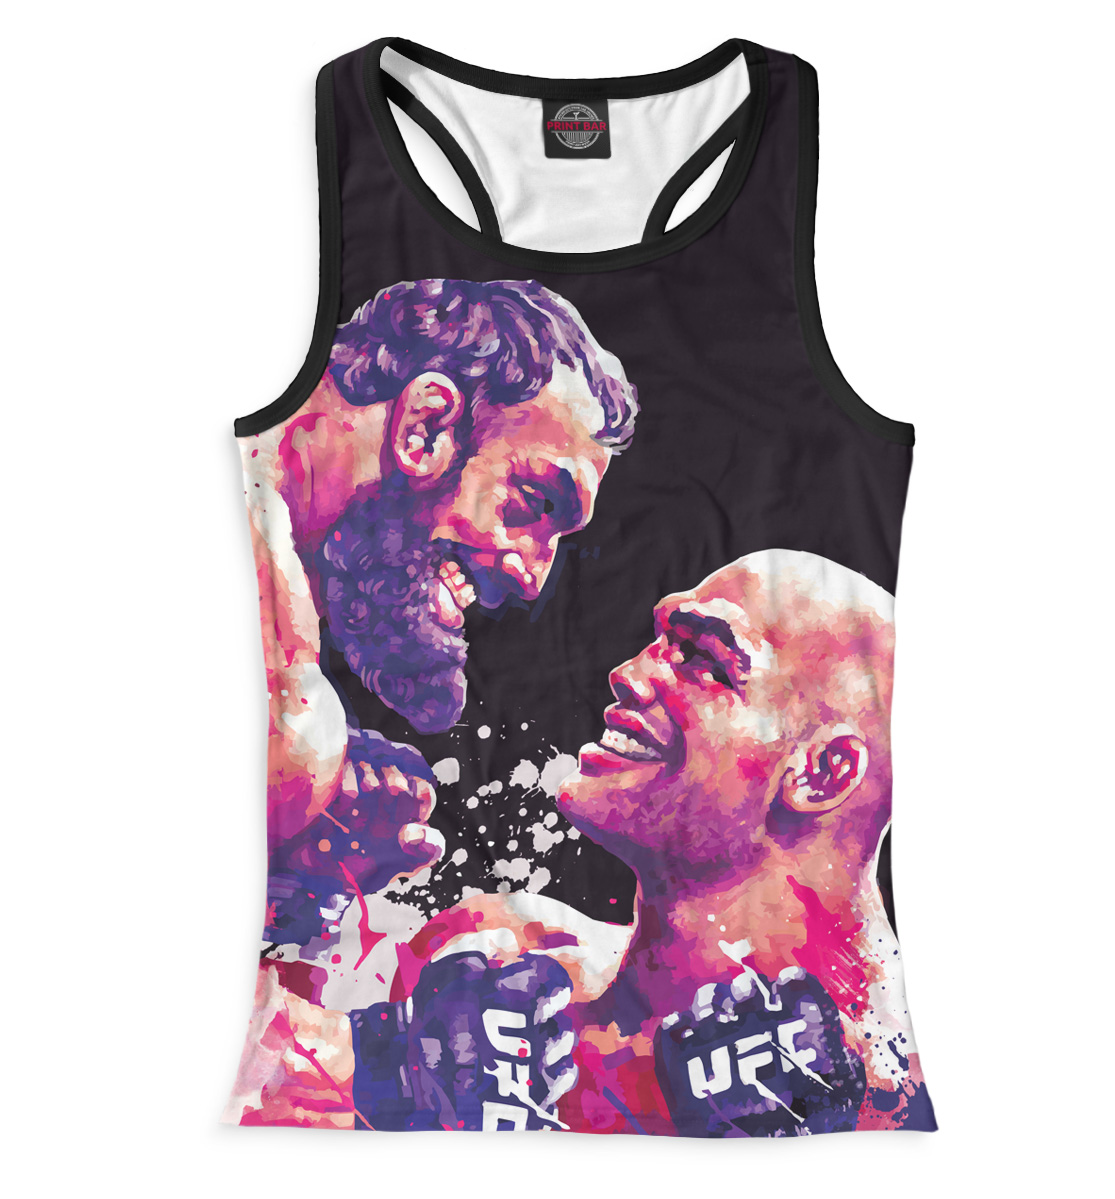 Купить UFC Fight Night 52, Printbar, Майки борцовки, MNU-961697-mayb-1